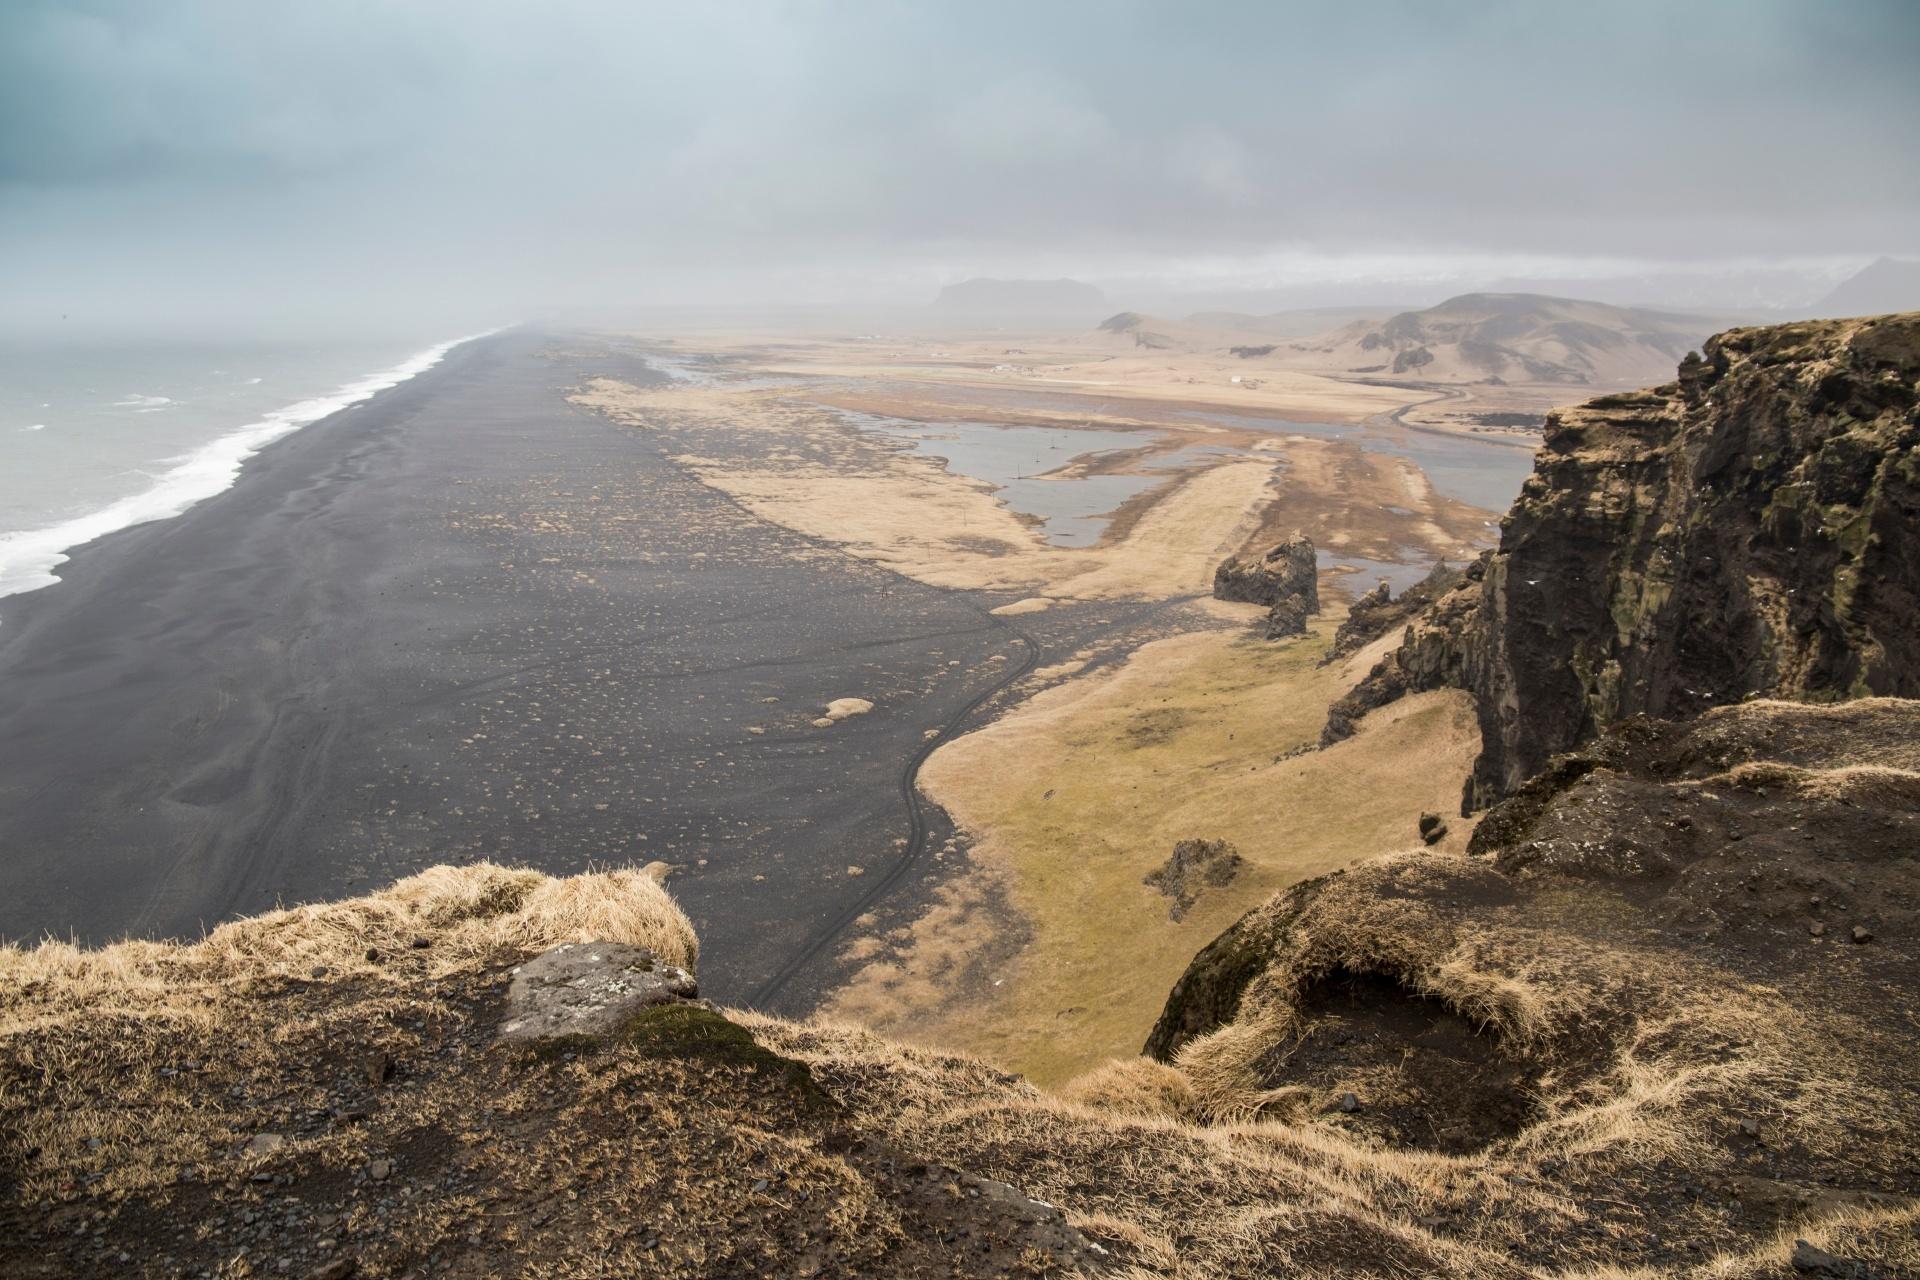 ブラックサンドビーチ アイスランドの風景